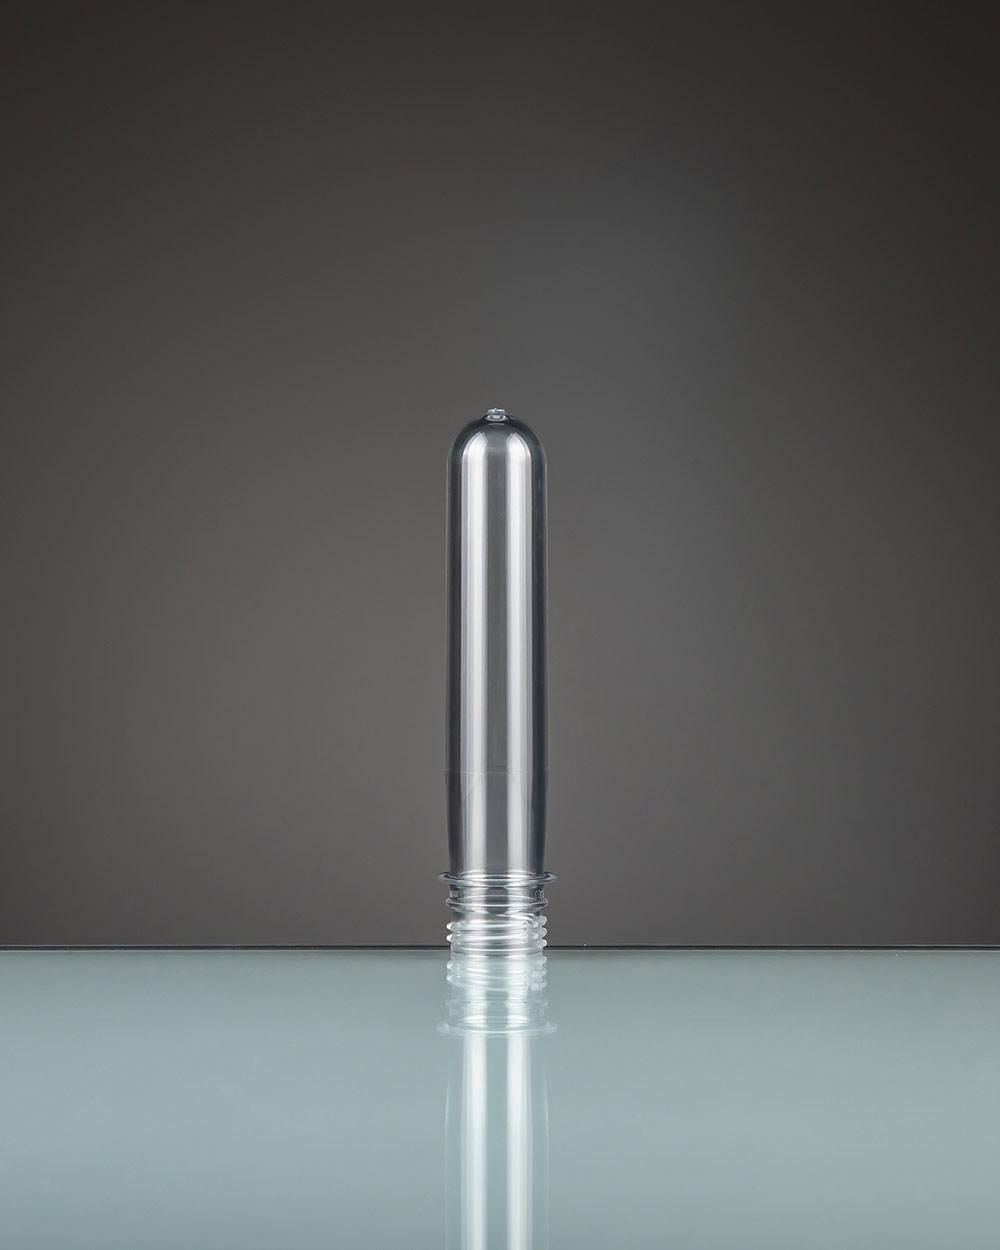 (4) 1810 Neck 28 mm. Pco Preform